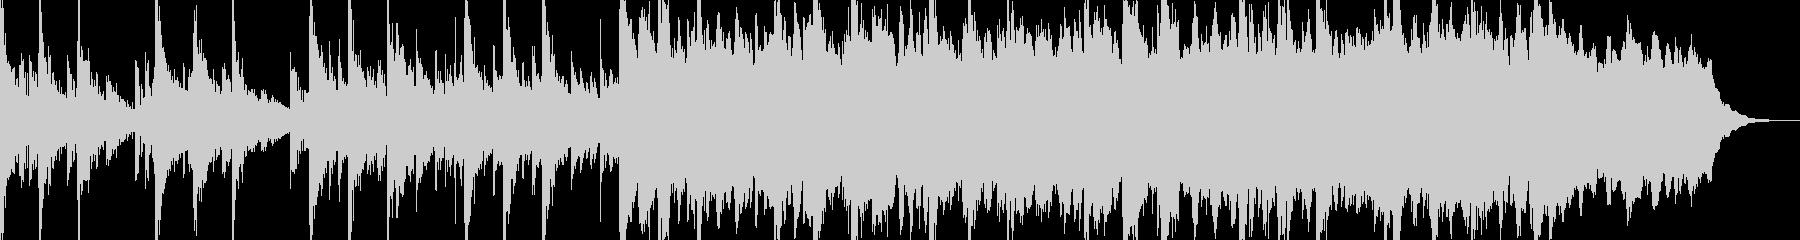 得体の知れない事が起きている時の曲の未再生の波形